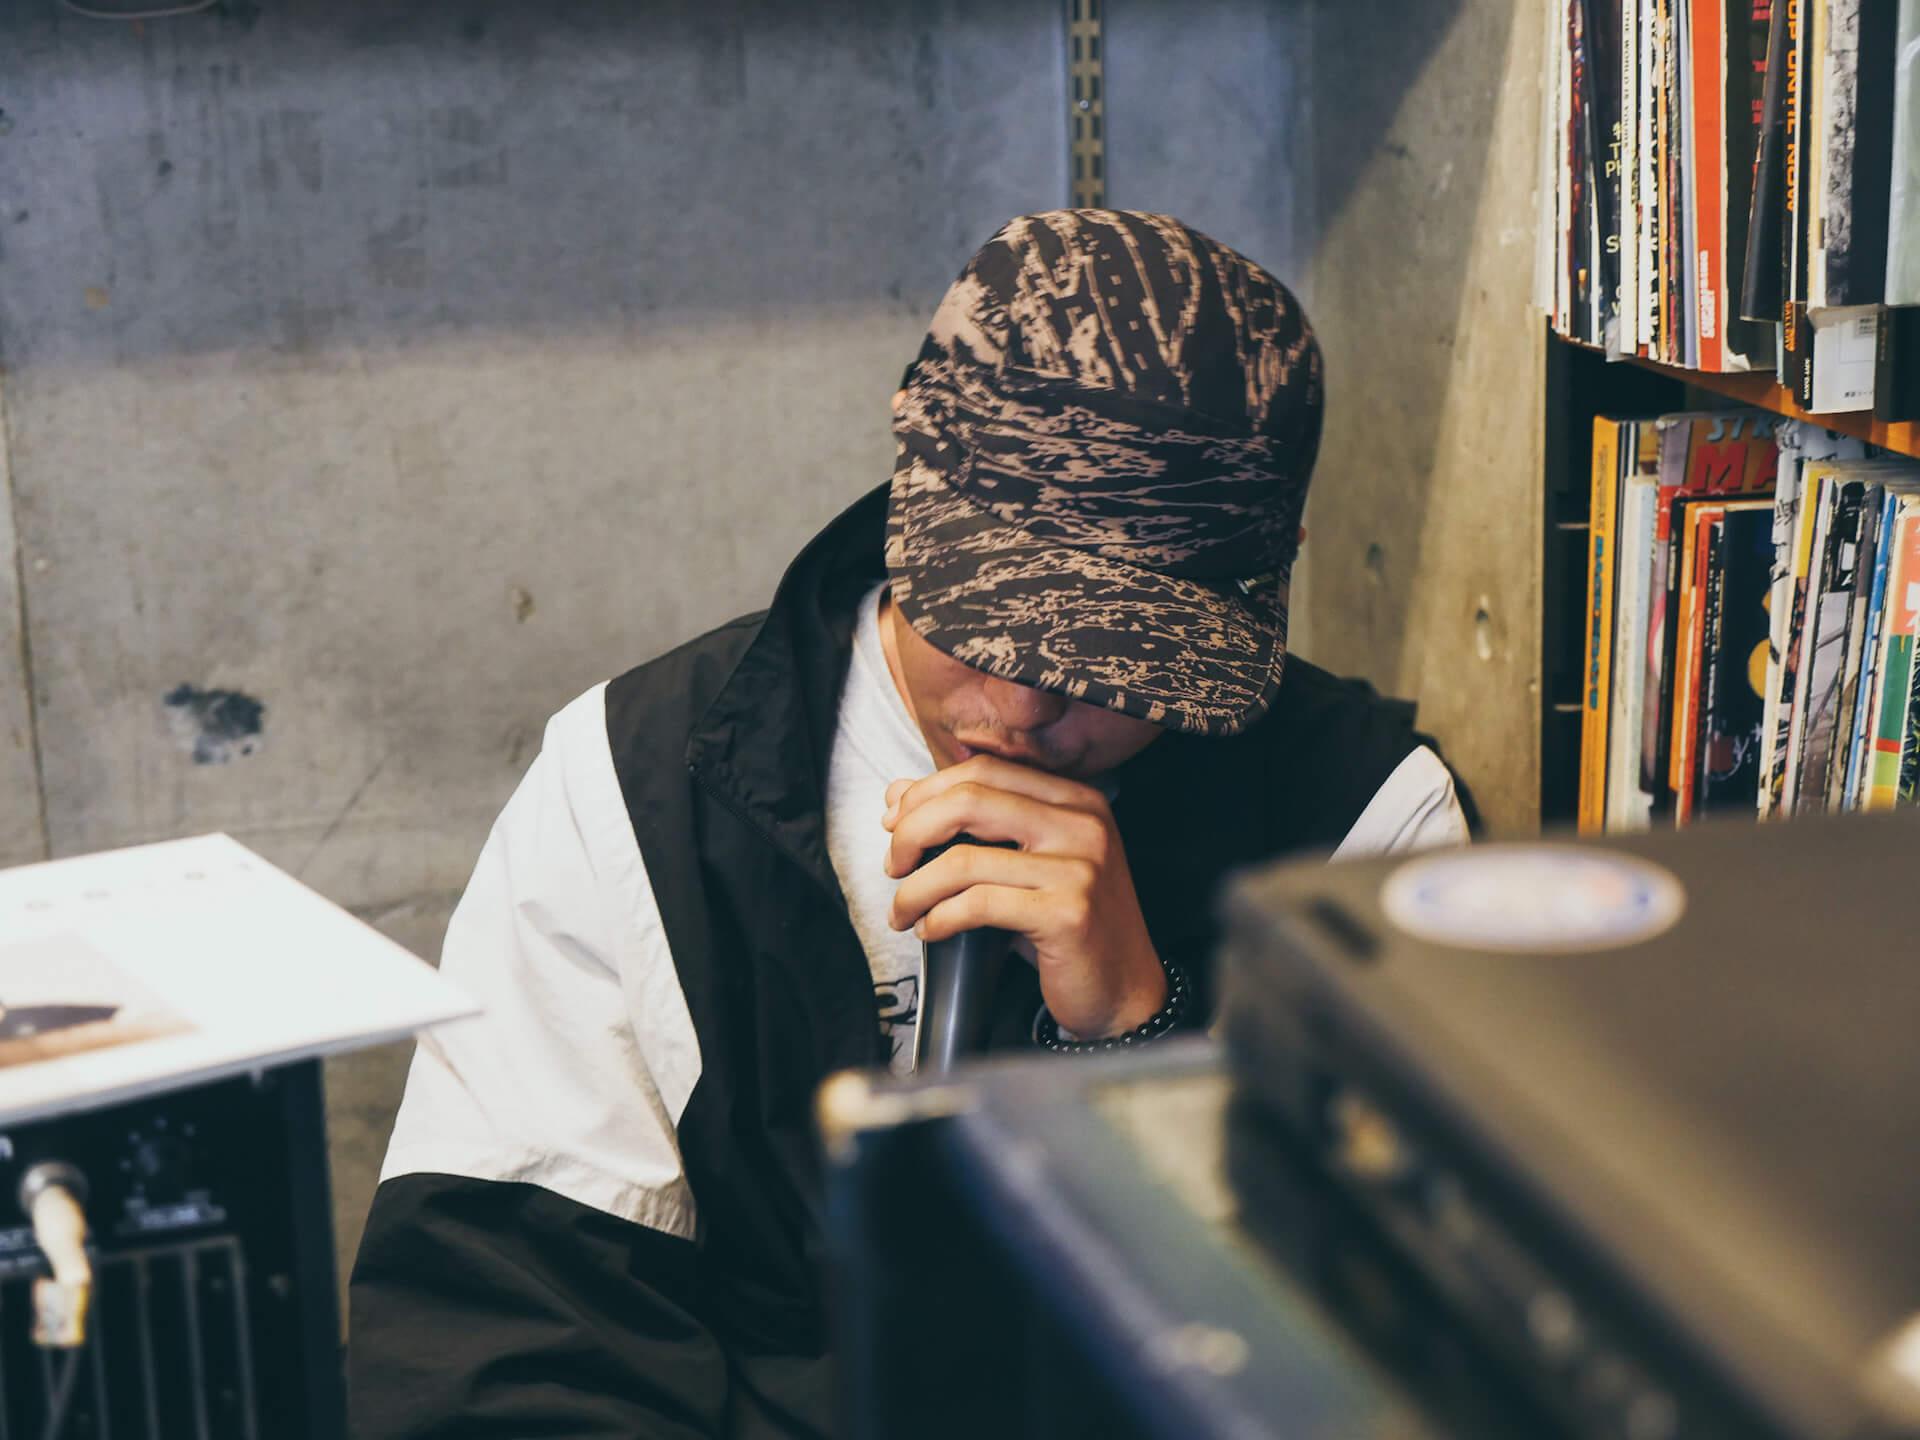 ビートは世界と出会う――BEAT MEETS WORLD x WANDERMAN POP UP in RAH YOKOHAMA REPORT interview-beat-meets-world-pop-up-report-12